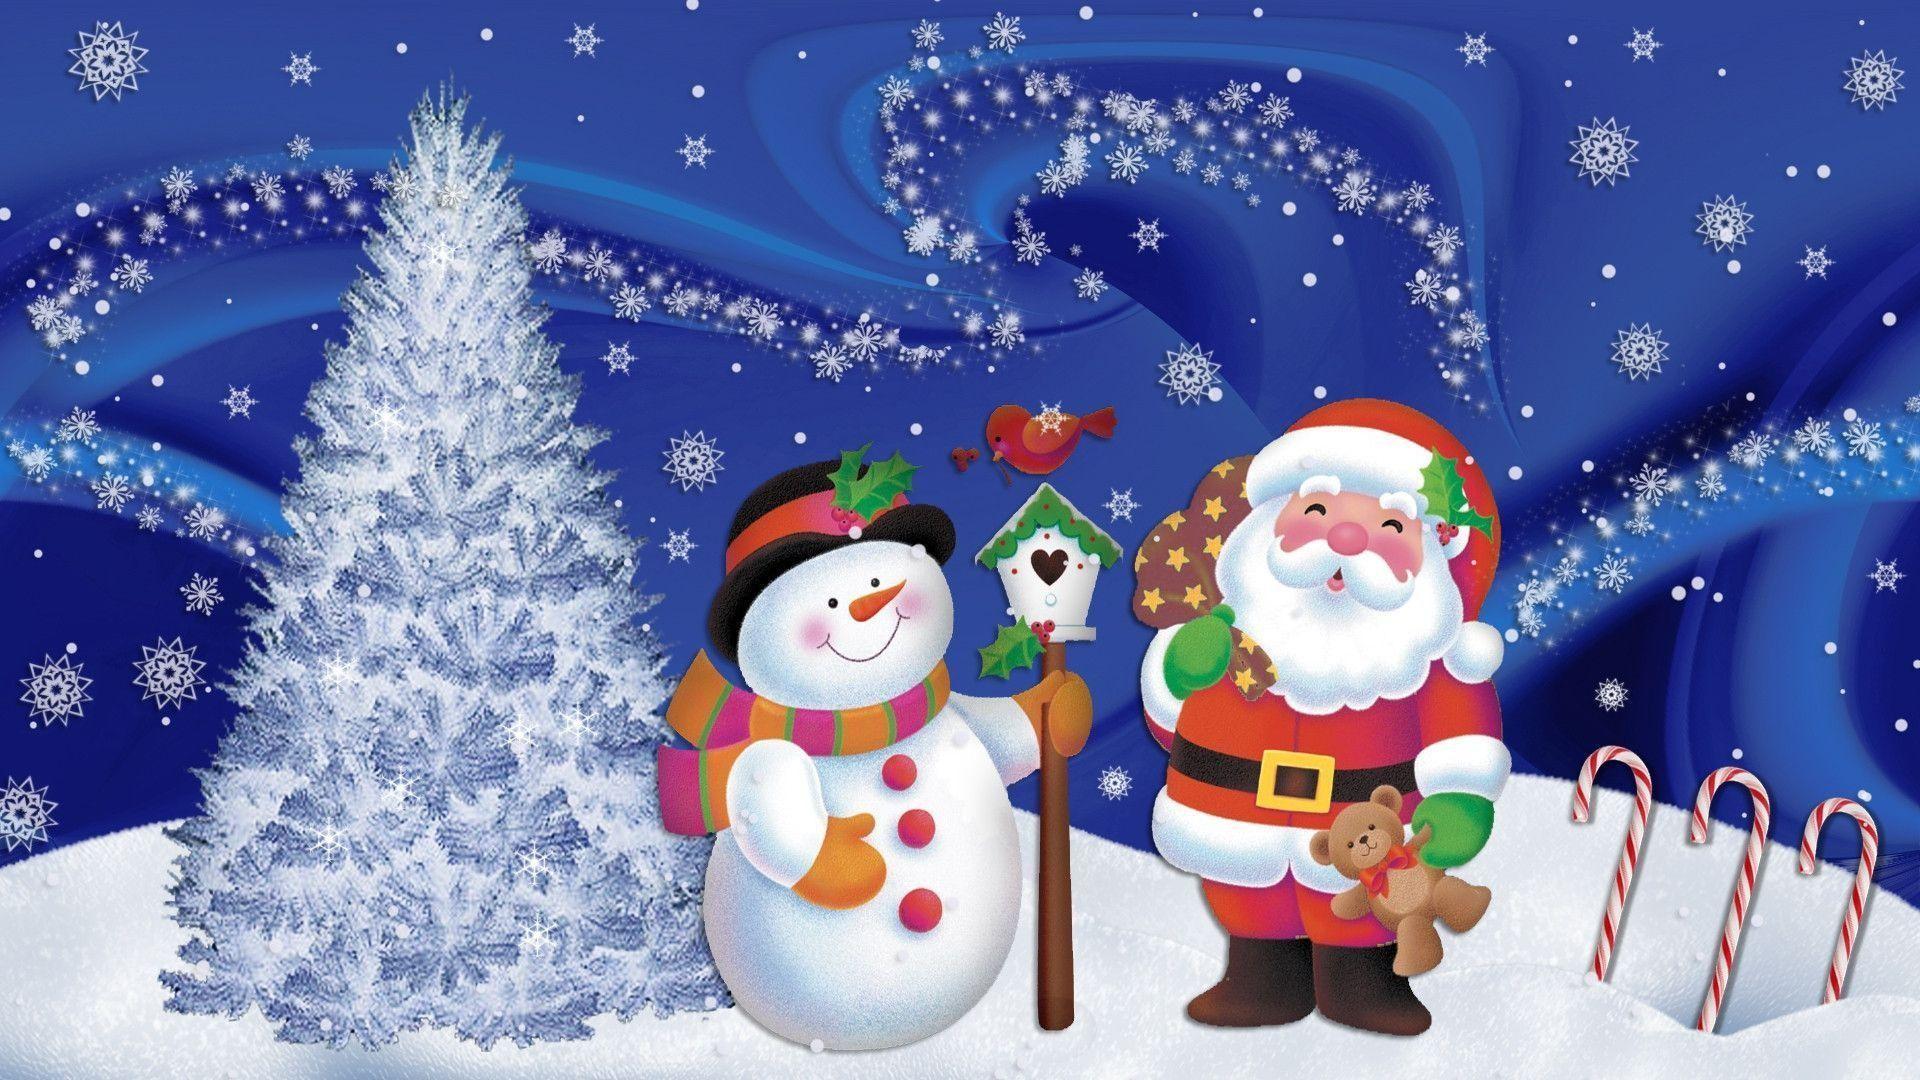 Animated Christmas Desktop wallpapers | Animated Christmas .